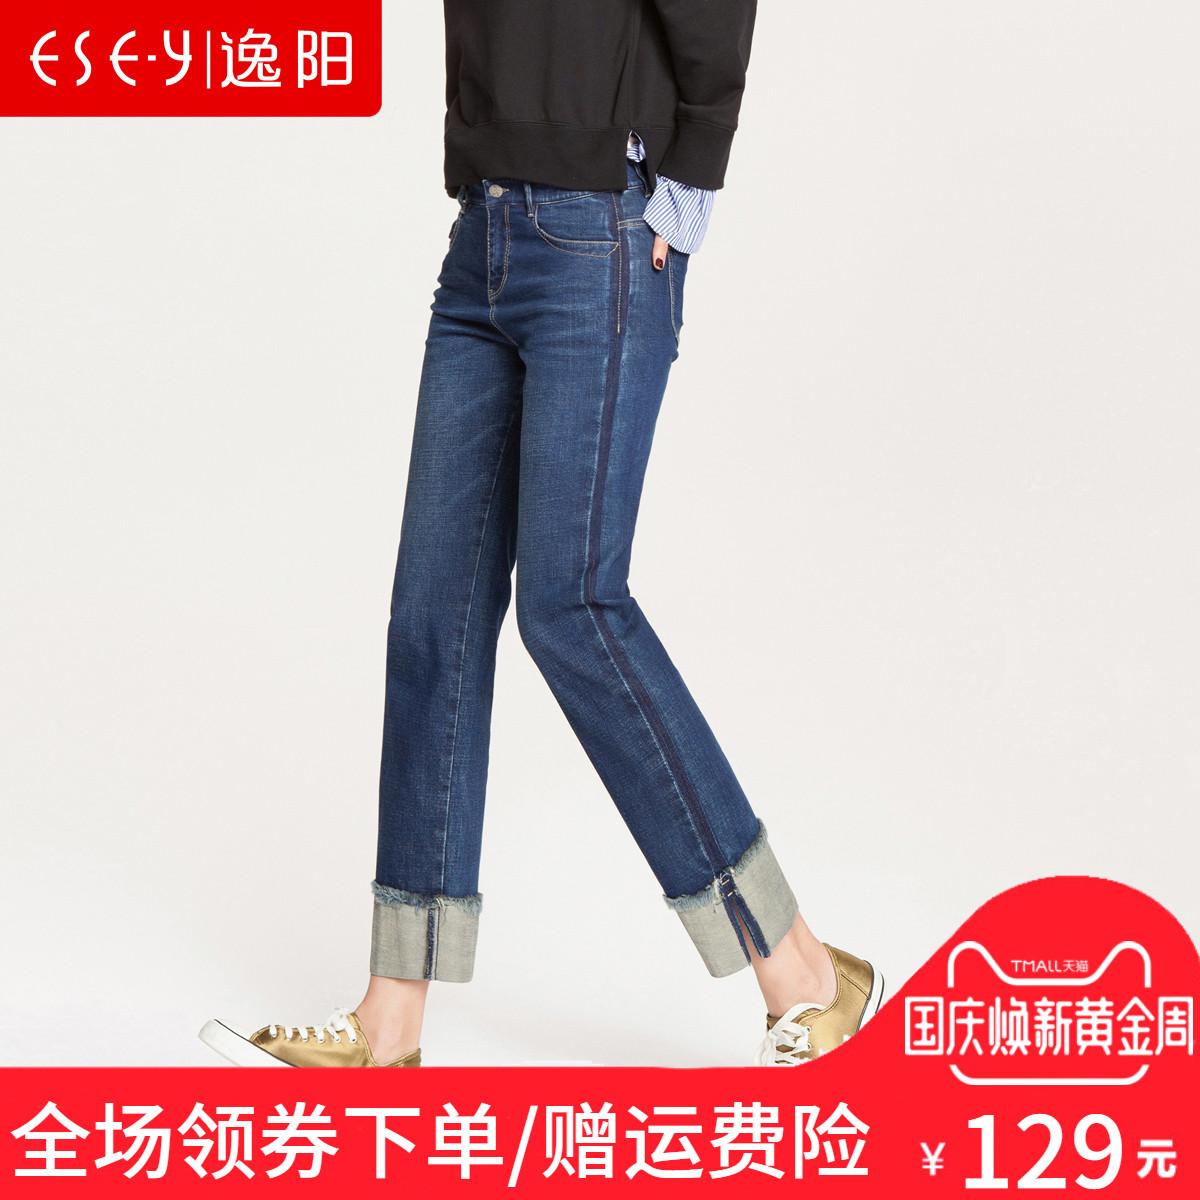 逸阳女裤2018秋宽松阔腿加大码修身直筒八分九分女牛仔裤翻边毛边